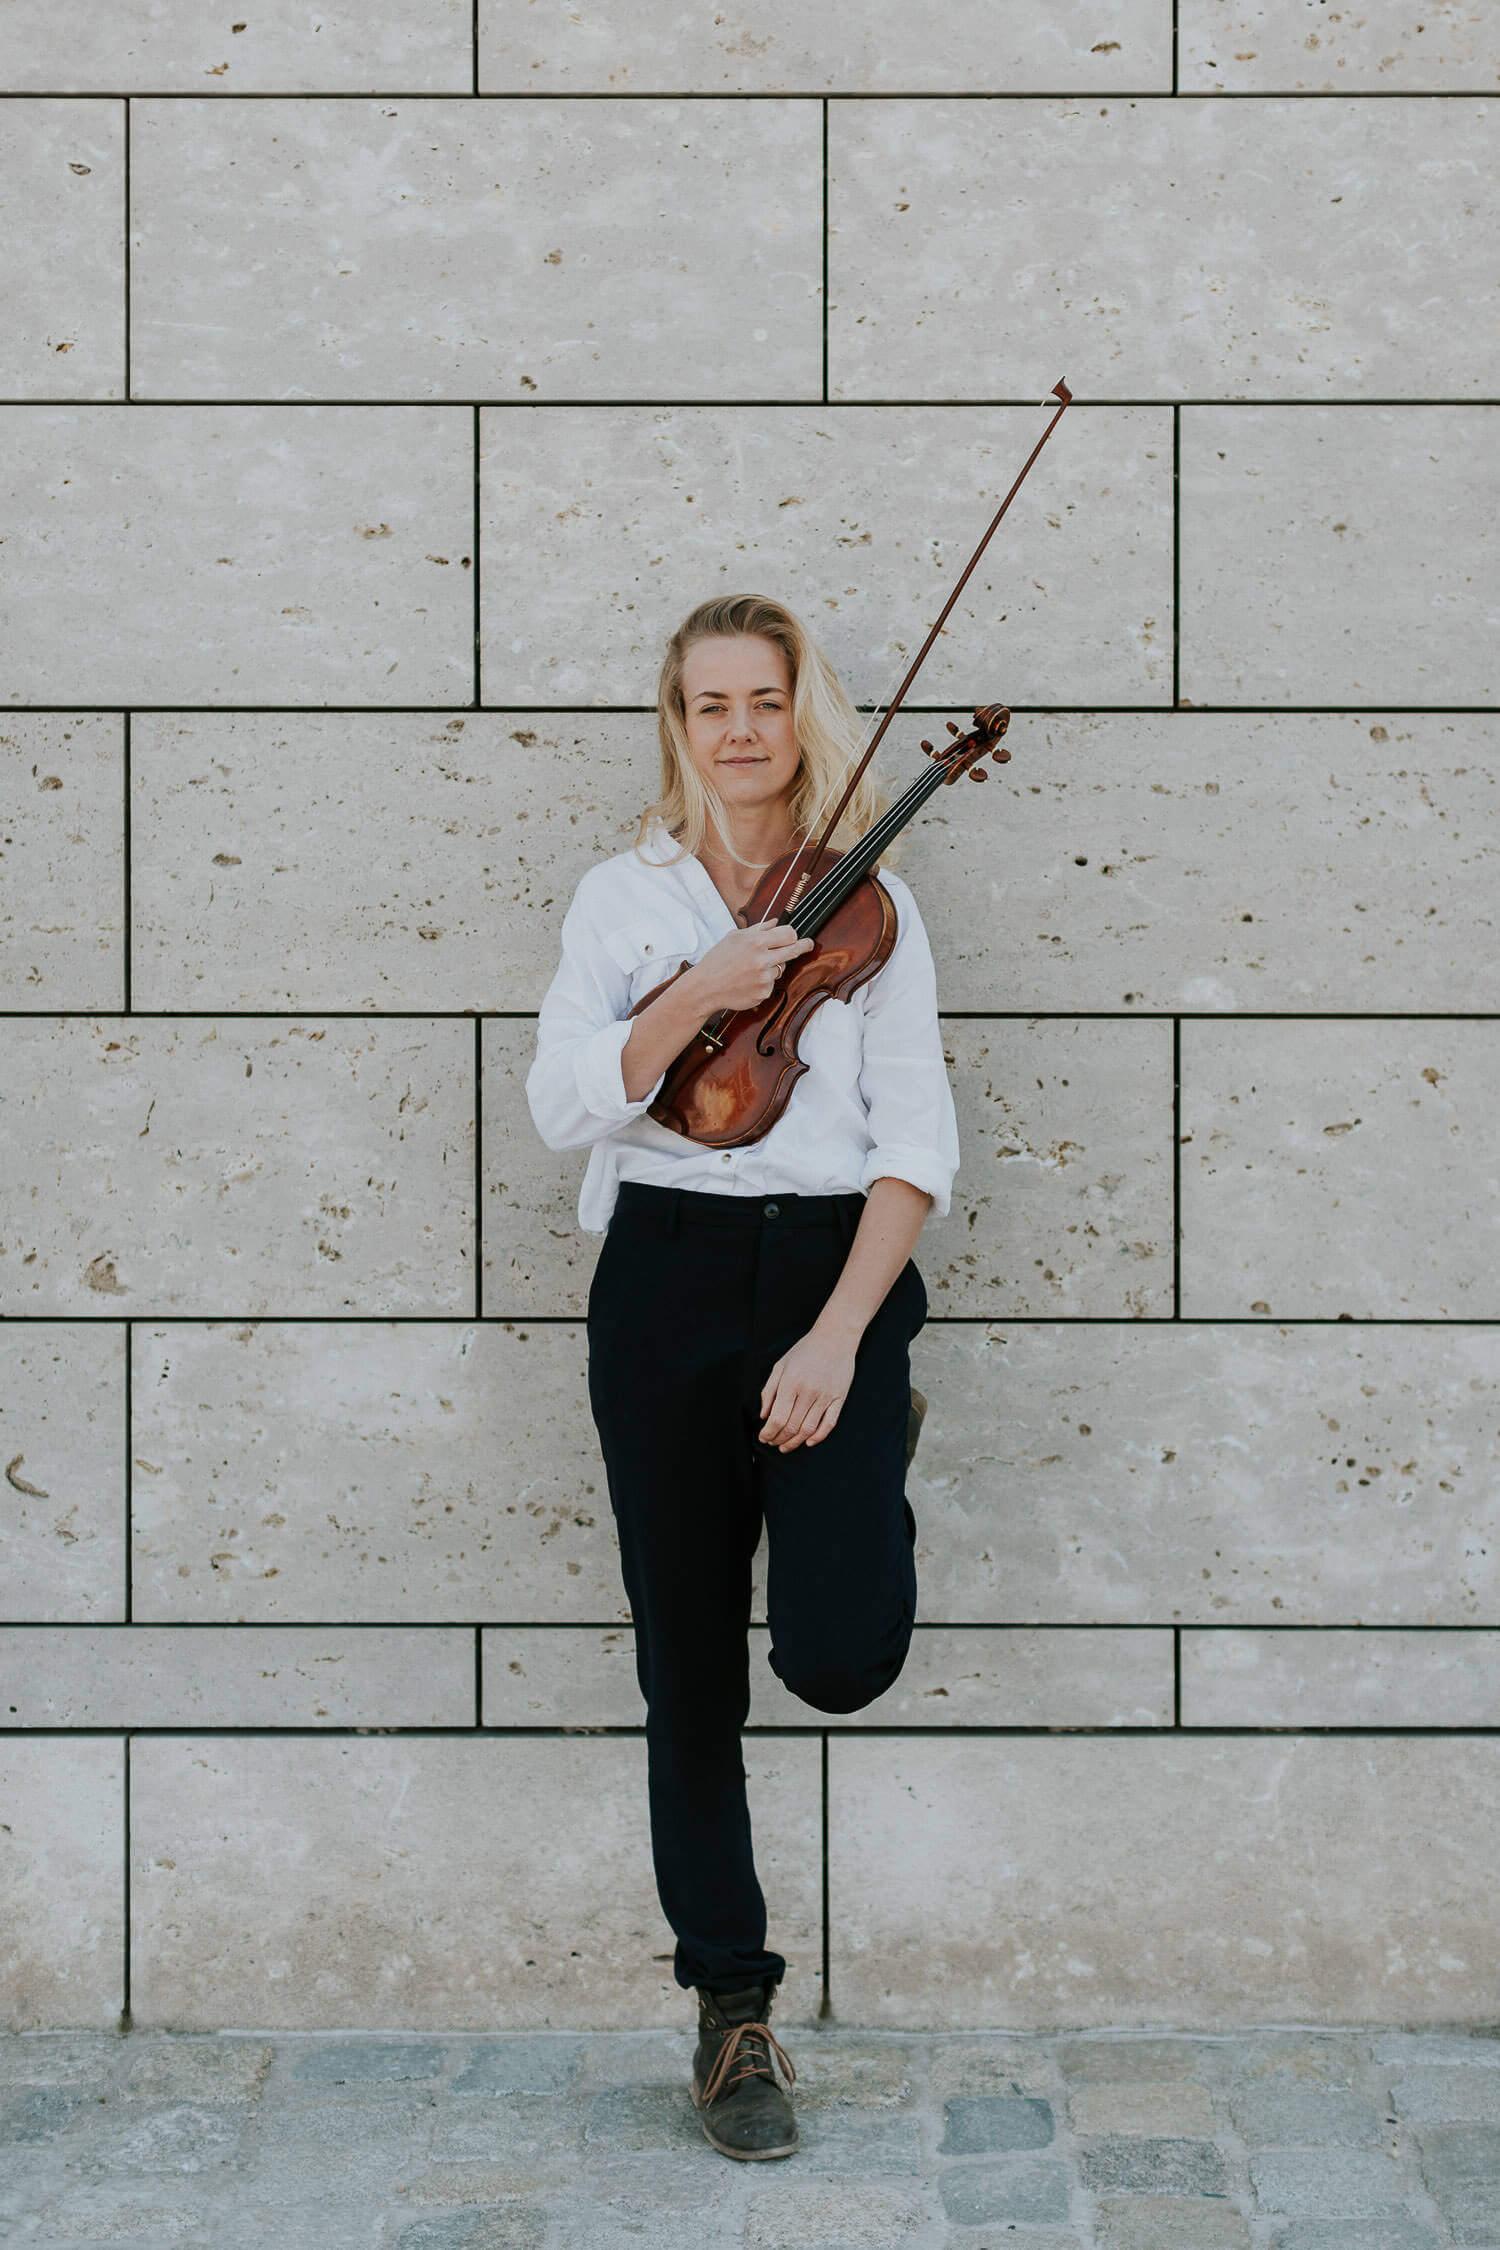 Künstlerportrait-Violinistin-Anna-Godelmann-Paul-Mazurek-Fotografie-0006